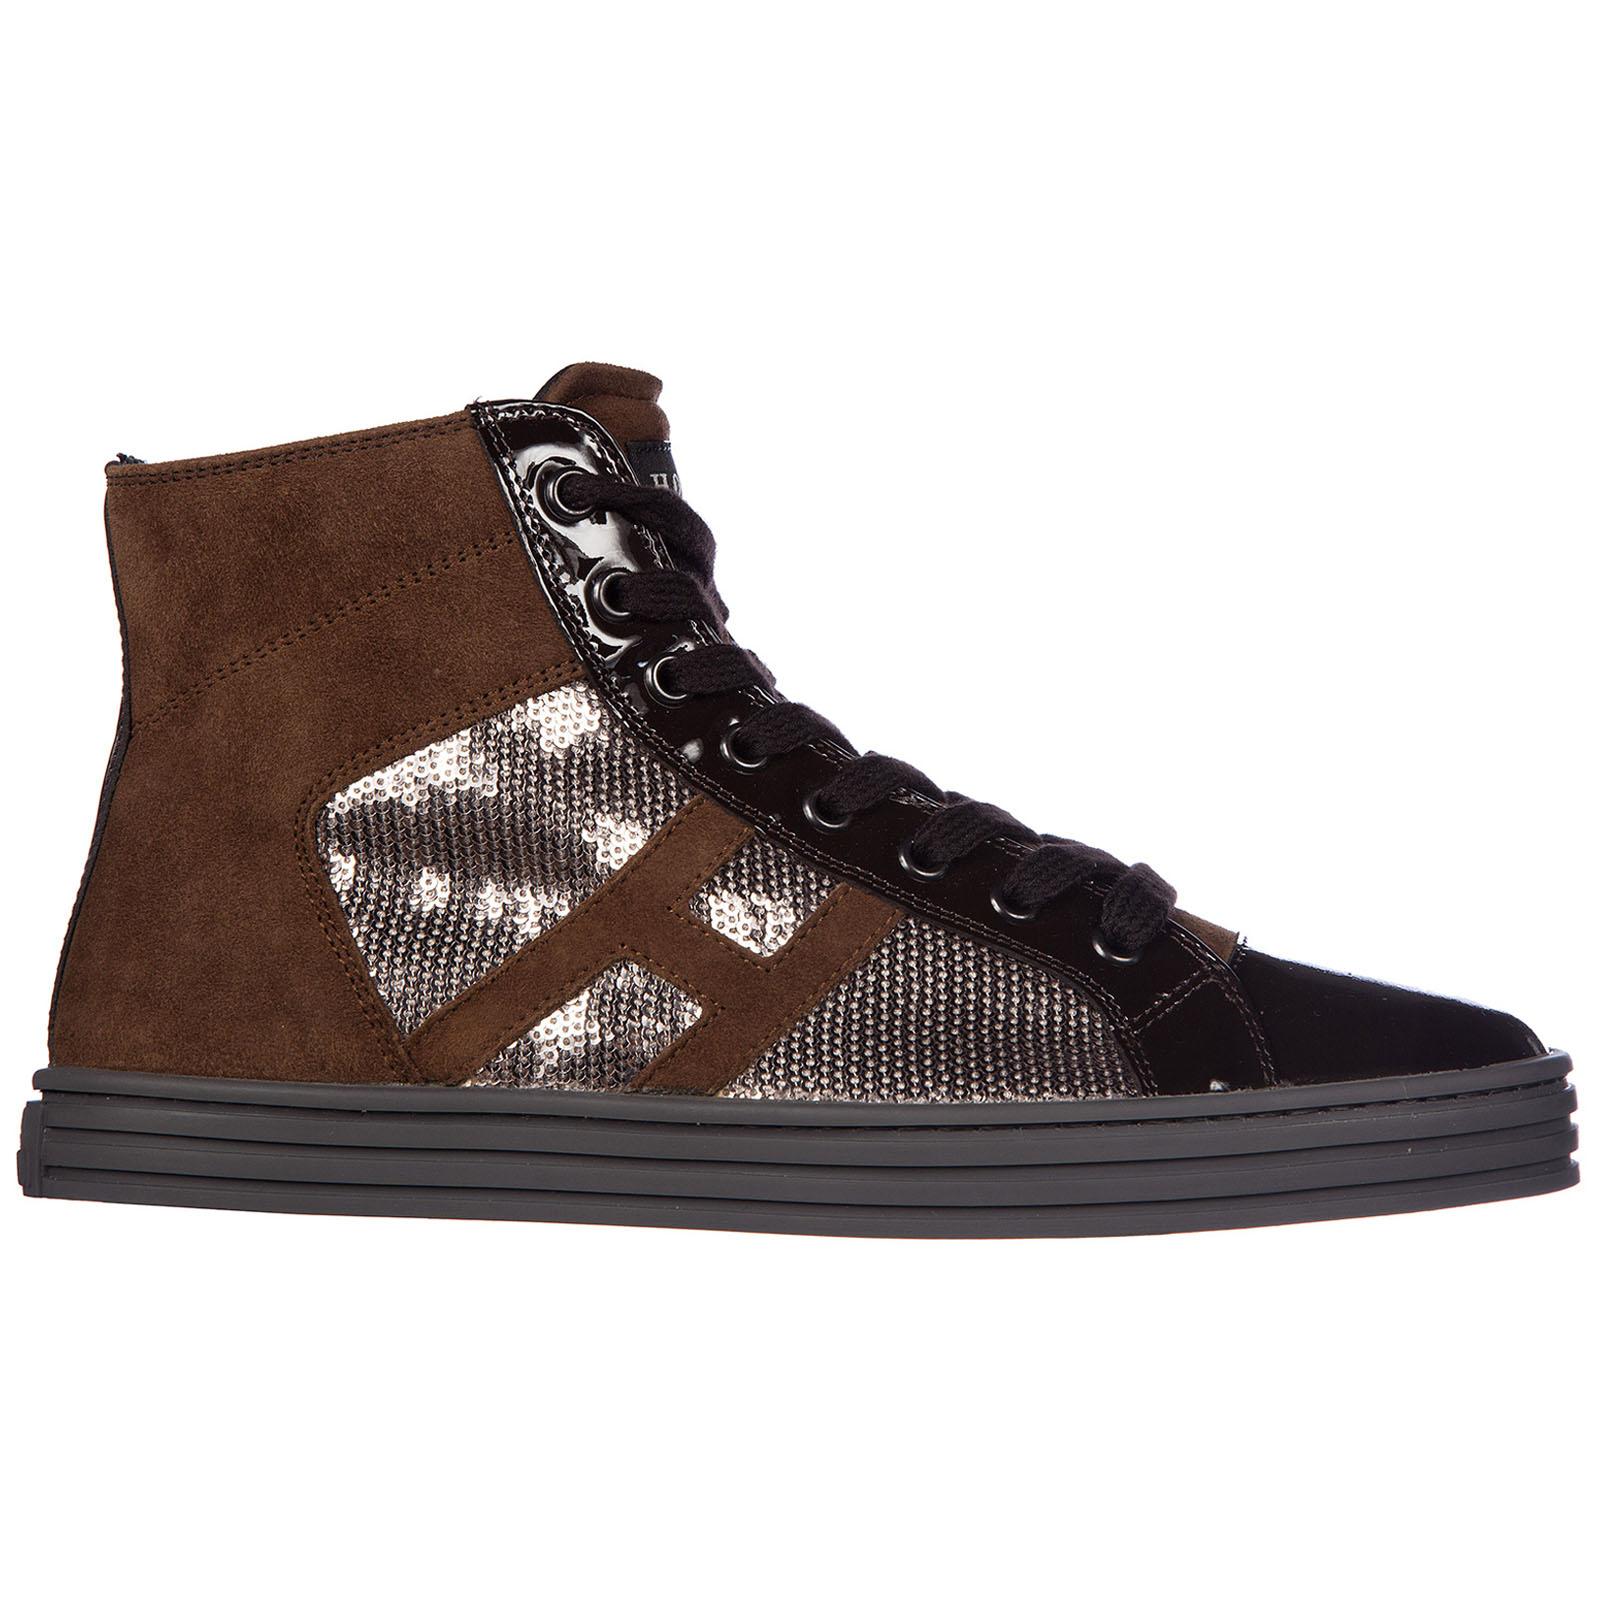 Scarpe sneakers alte donna in camoscio rebel r141 laterale paillettes tessuto